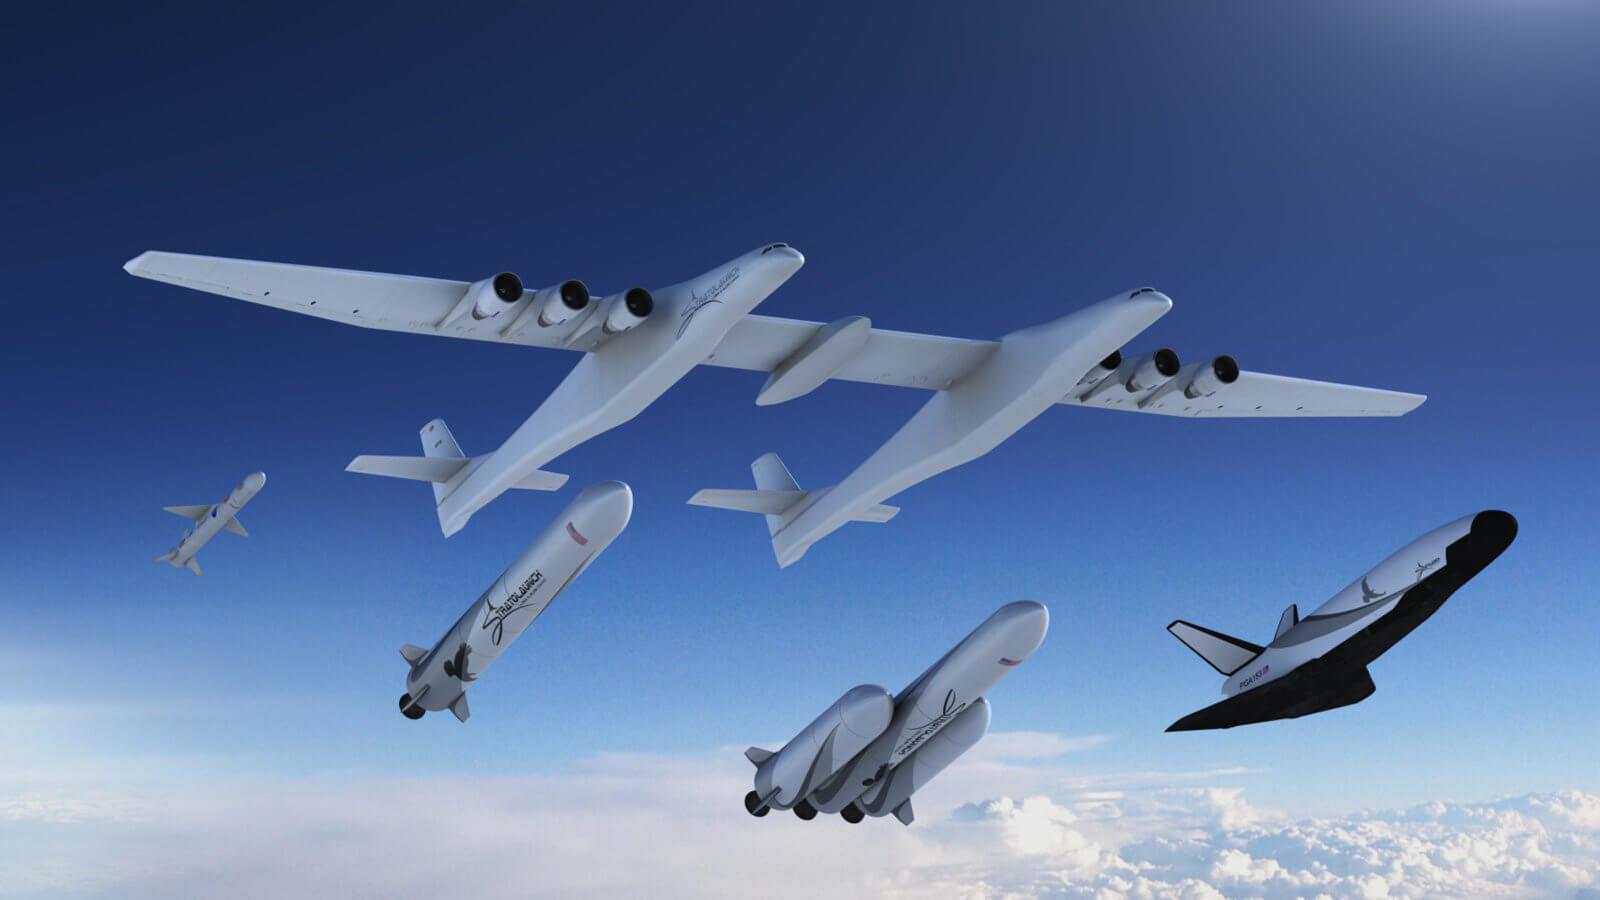 Частная аэрокосмическая компания Stratolaunch Systems отказалась от большинства своих проектов